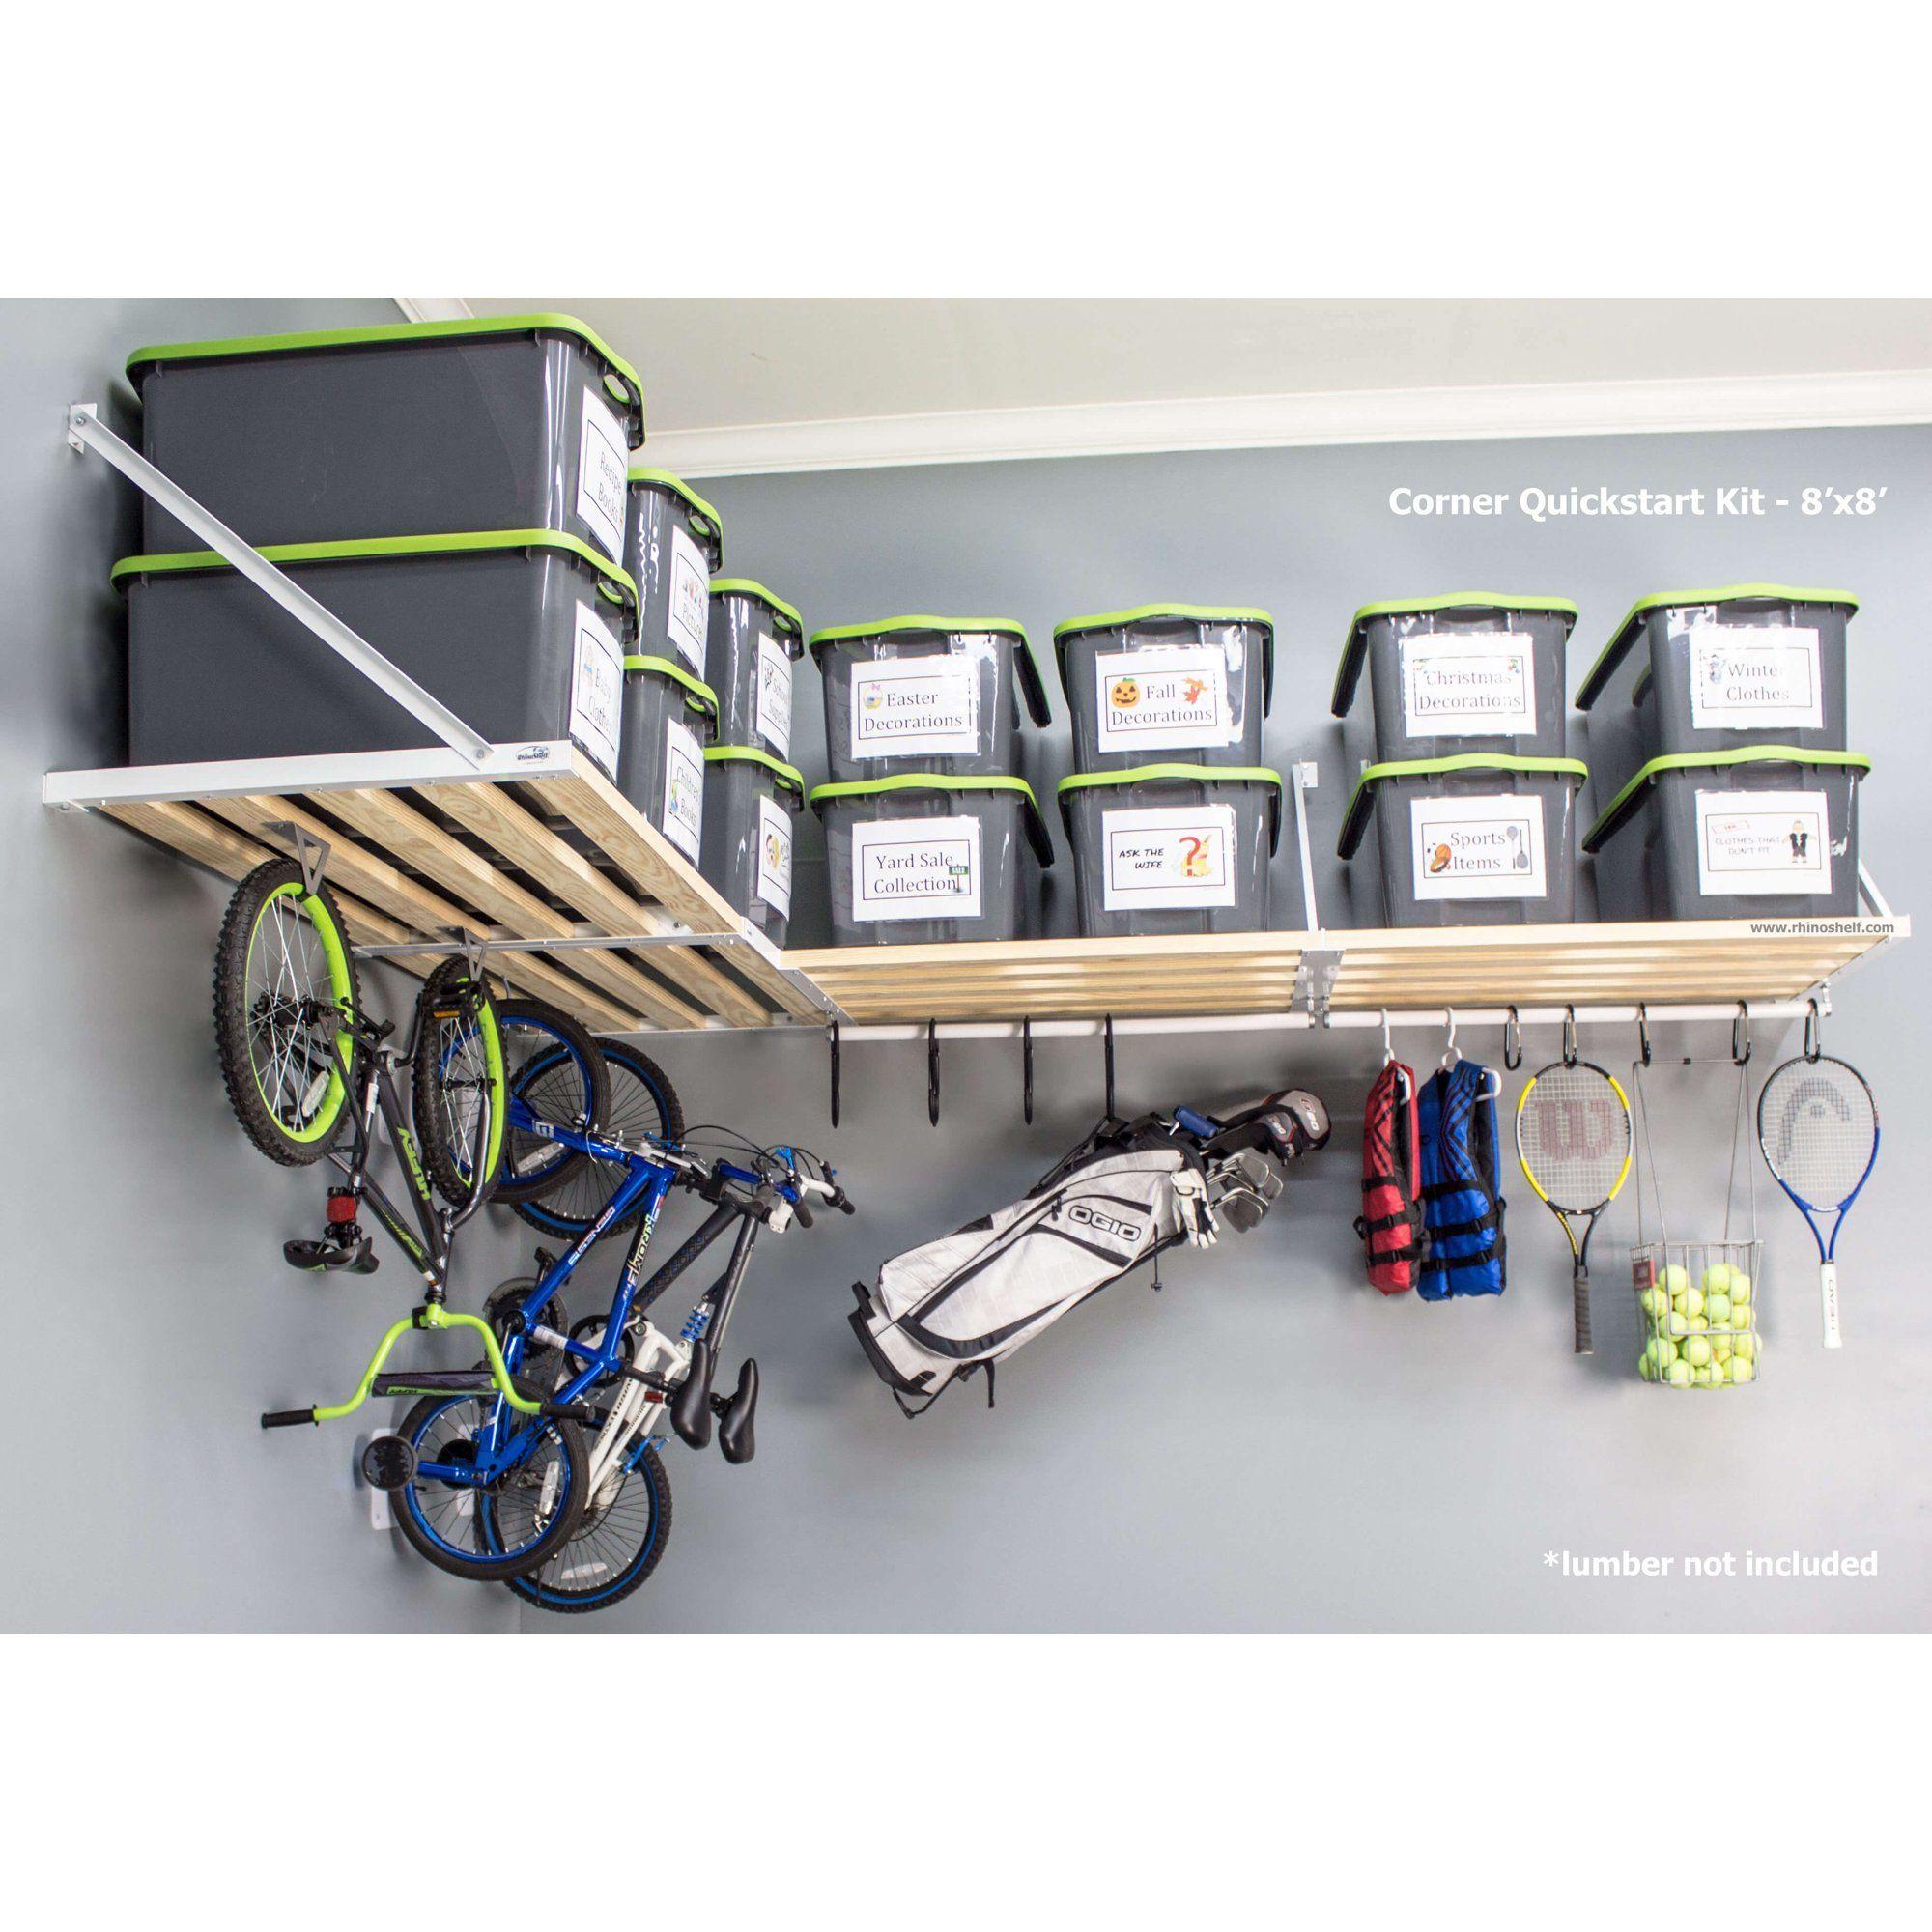 Rhino Shelf Universal Corner Quickstart Kit - 8 fe